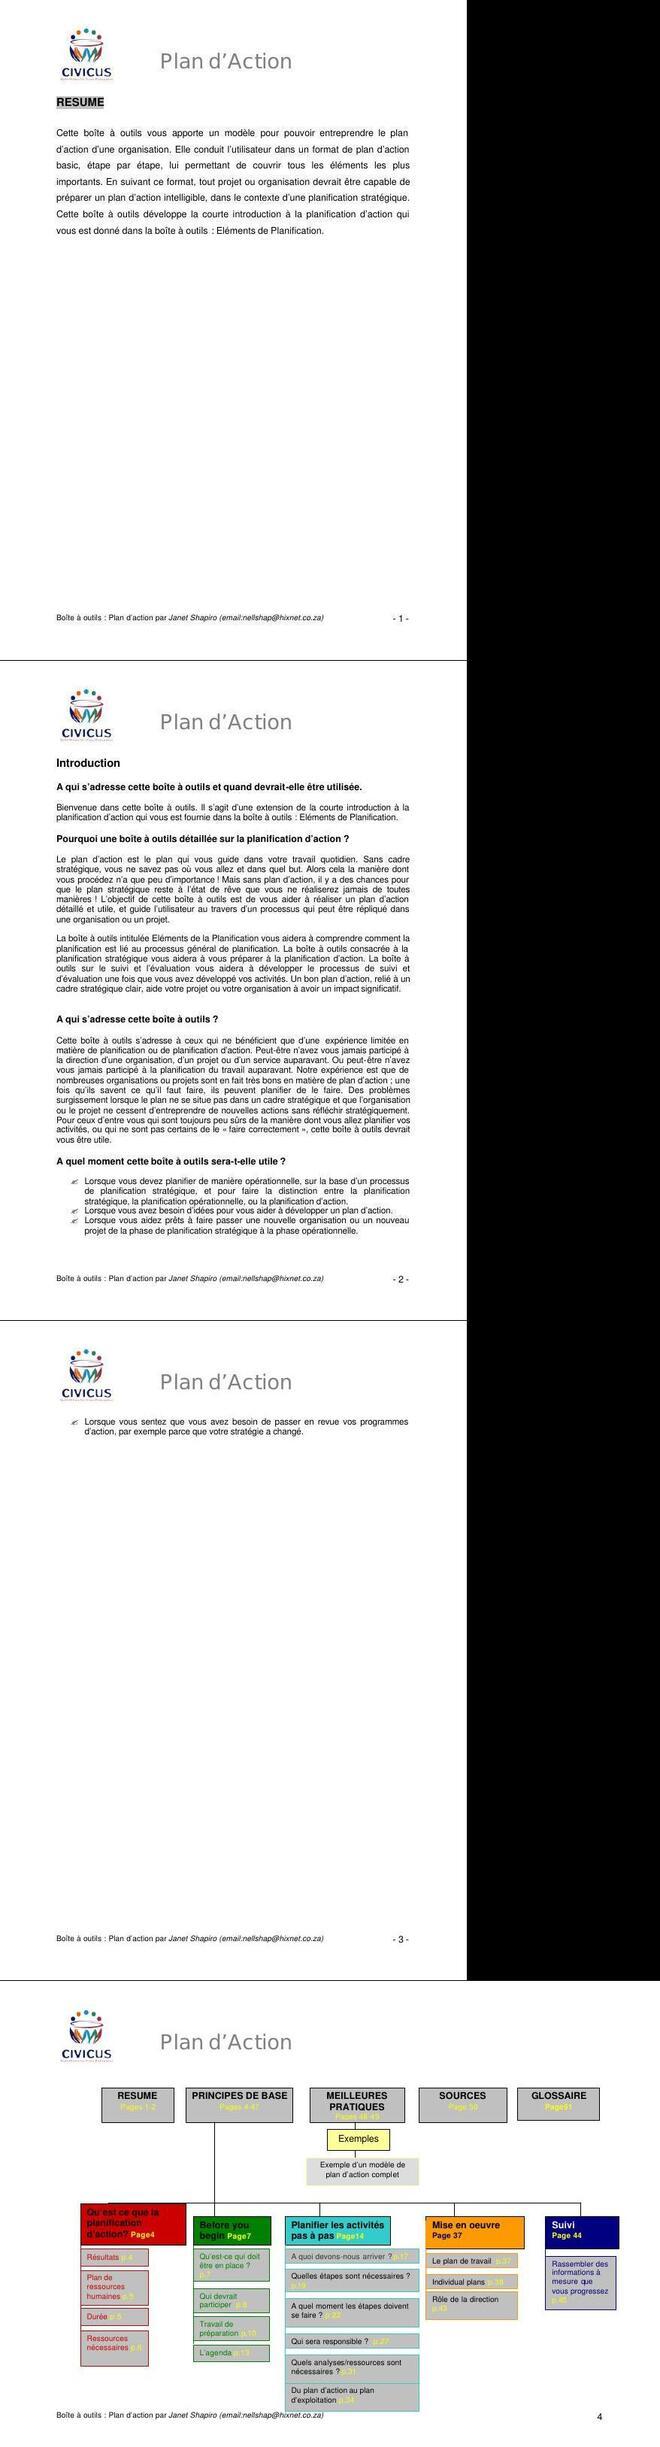 Pdf Formation Sur La Planification Des Plans D Action Commerciale Cours Commerce